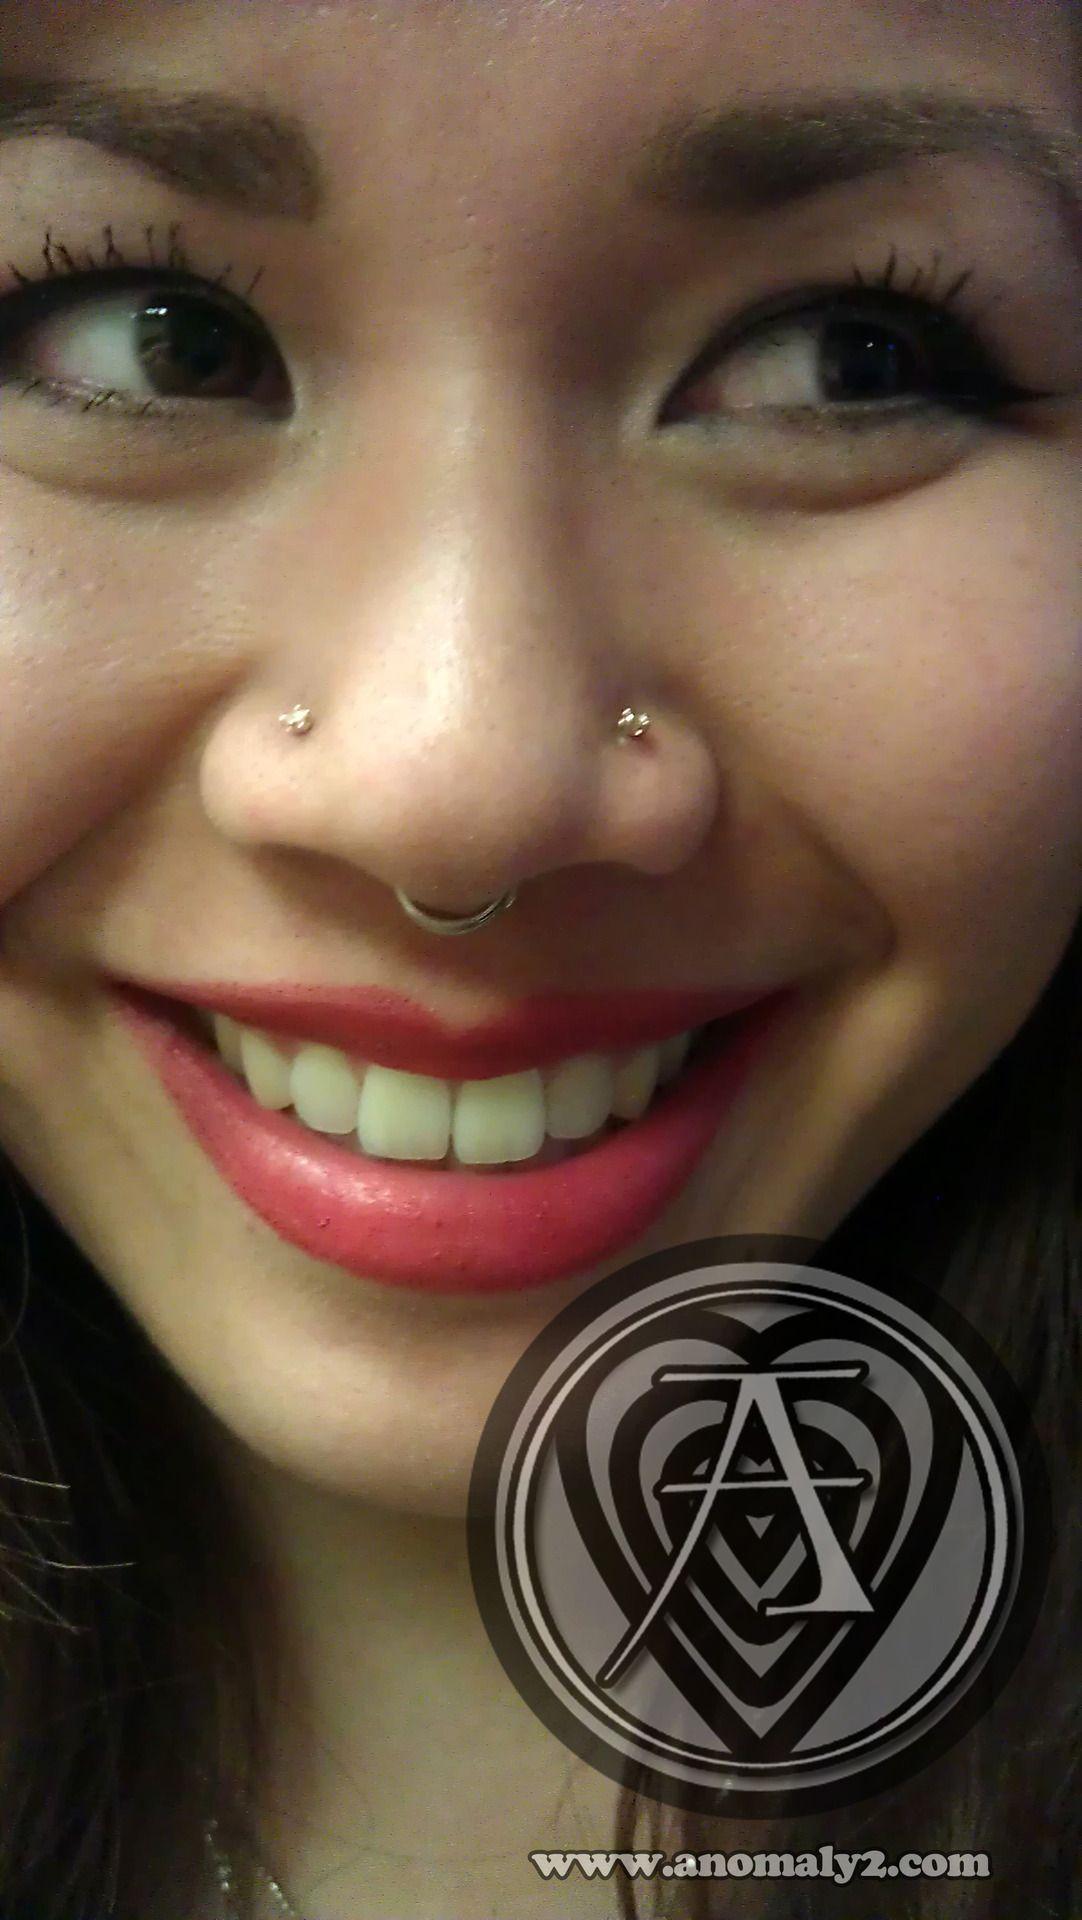 Closed nose piercing  ANOMALY Piercings in Pasadena  Piercings  Pinterest  Piercings